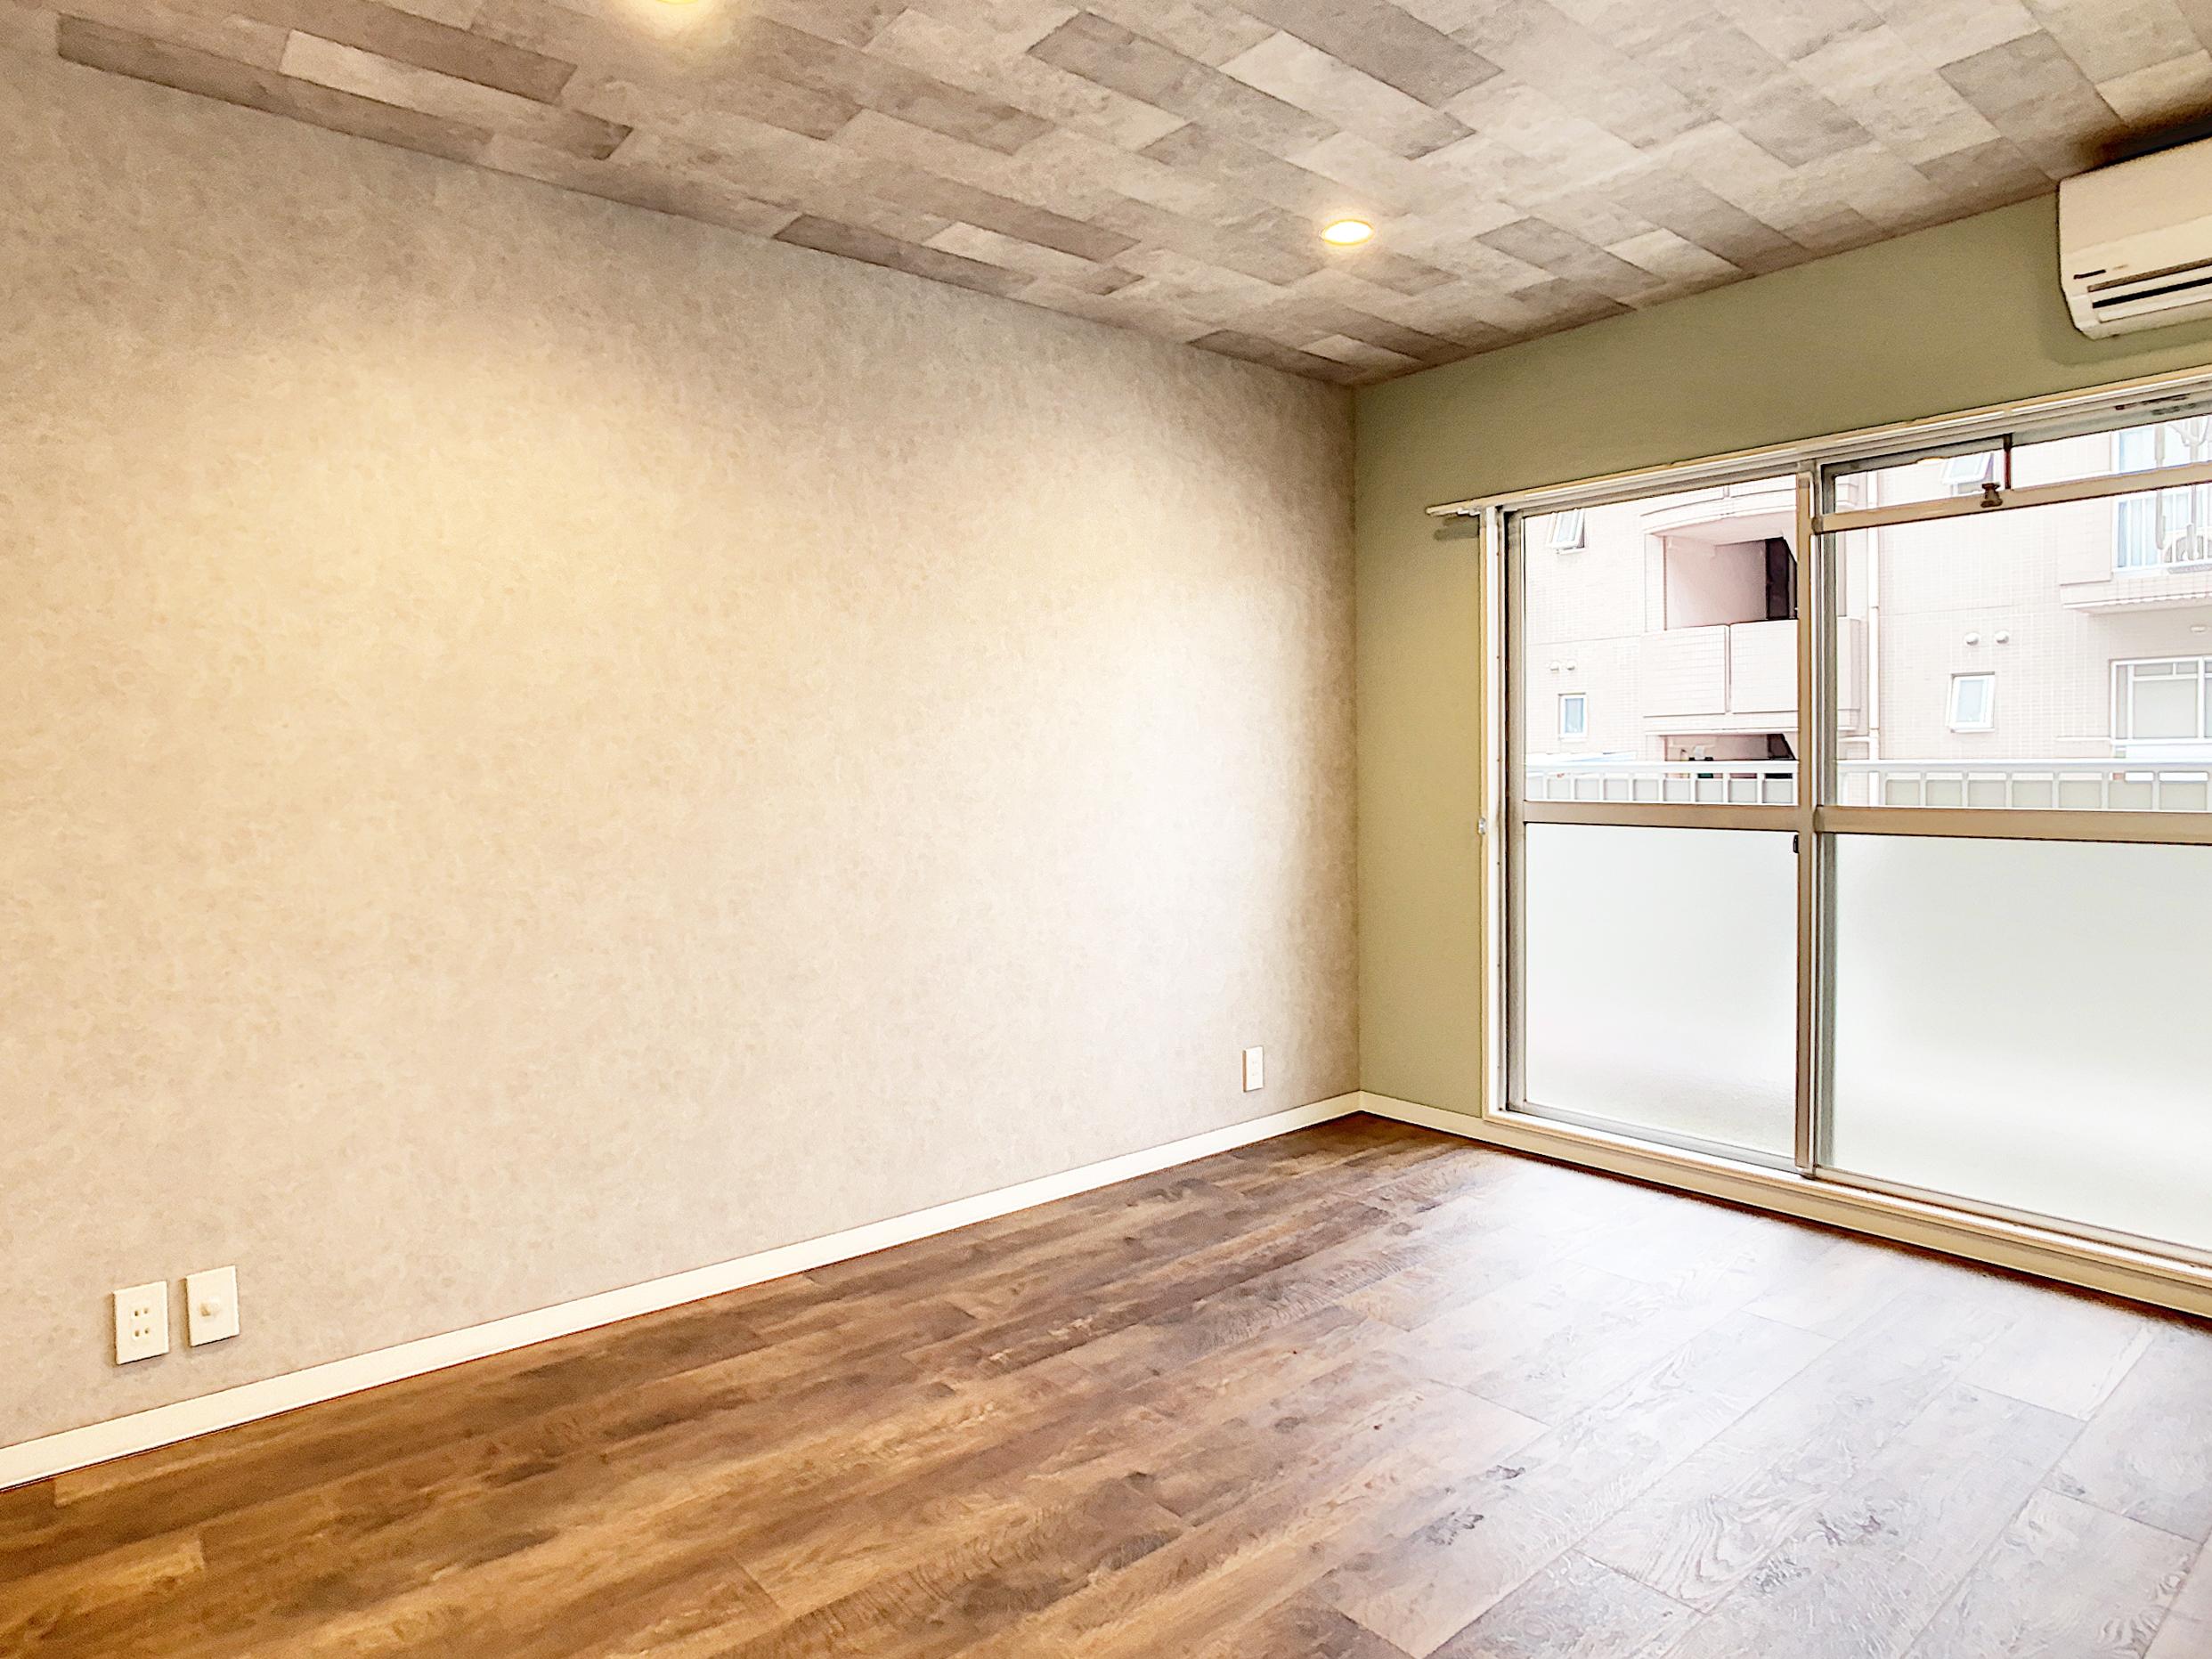 無機質なコンクリートとナチュラルな木目・グリーンが調和した落ち着く空間。